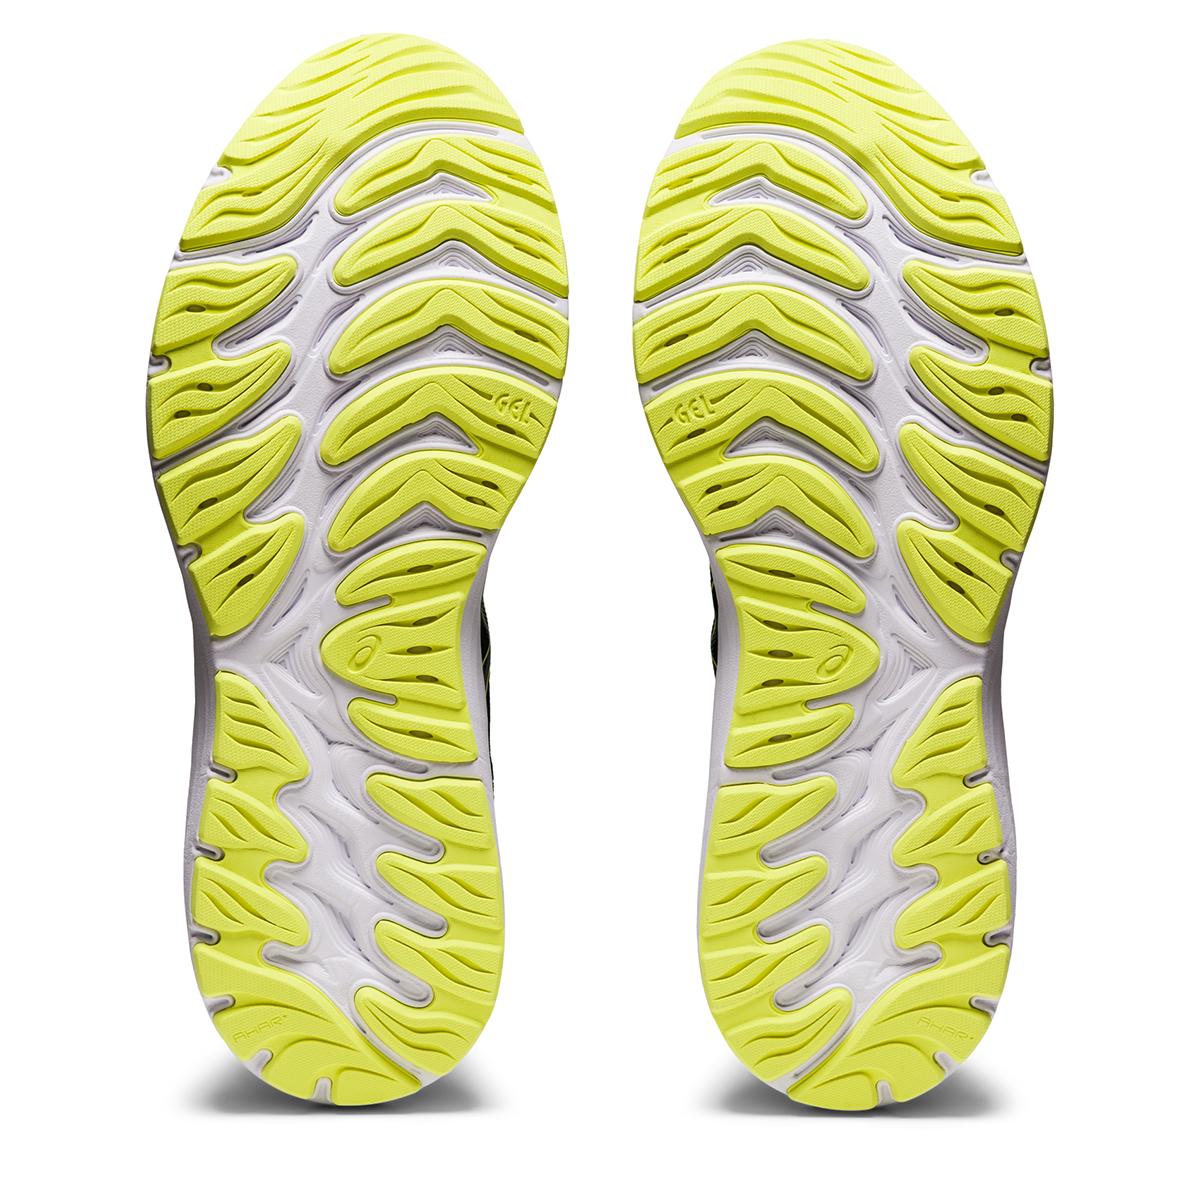 Men's Asics Gel-Cumulus 23 Running Shoe - Color: Black/Glow Yellow - Size: 7 - Width: Regular, Black/Glow Yellow, large, image 6